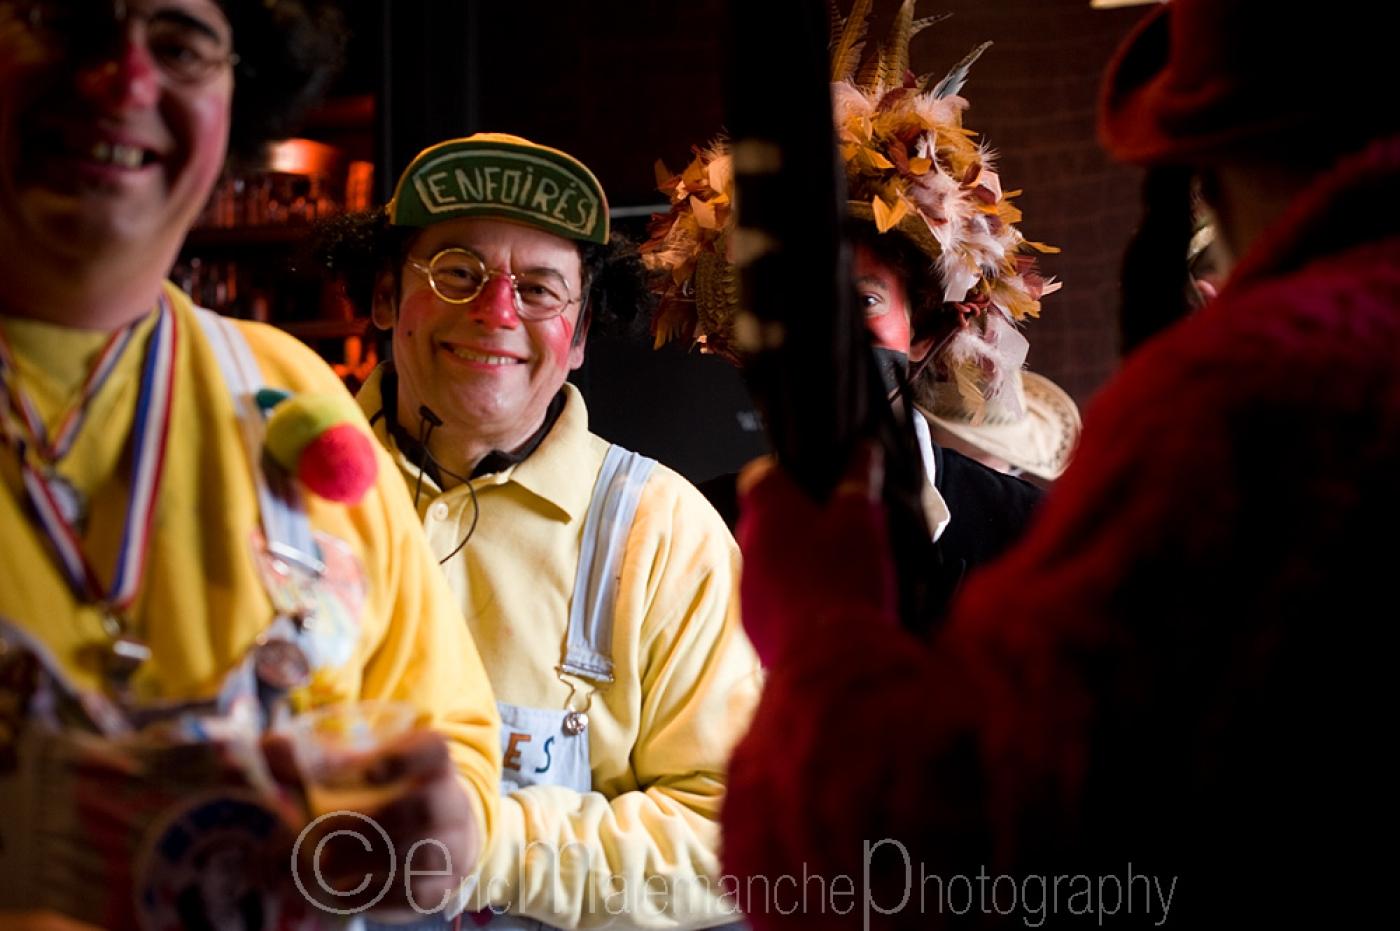 https://www.ericmalemanche.com/imagess/topics/carnaval-de-dunkerque/liste/Carnaval-Dunkerque-0216.jpg